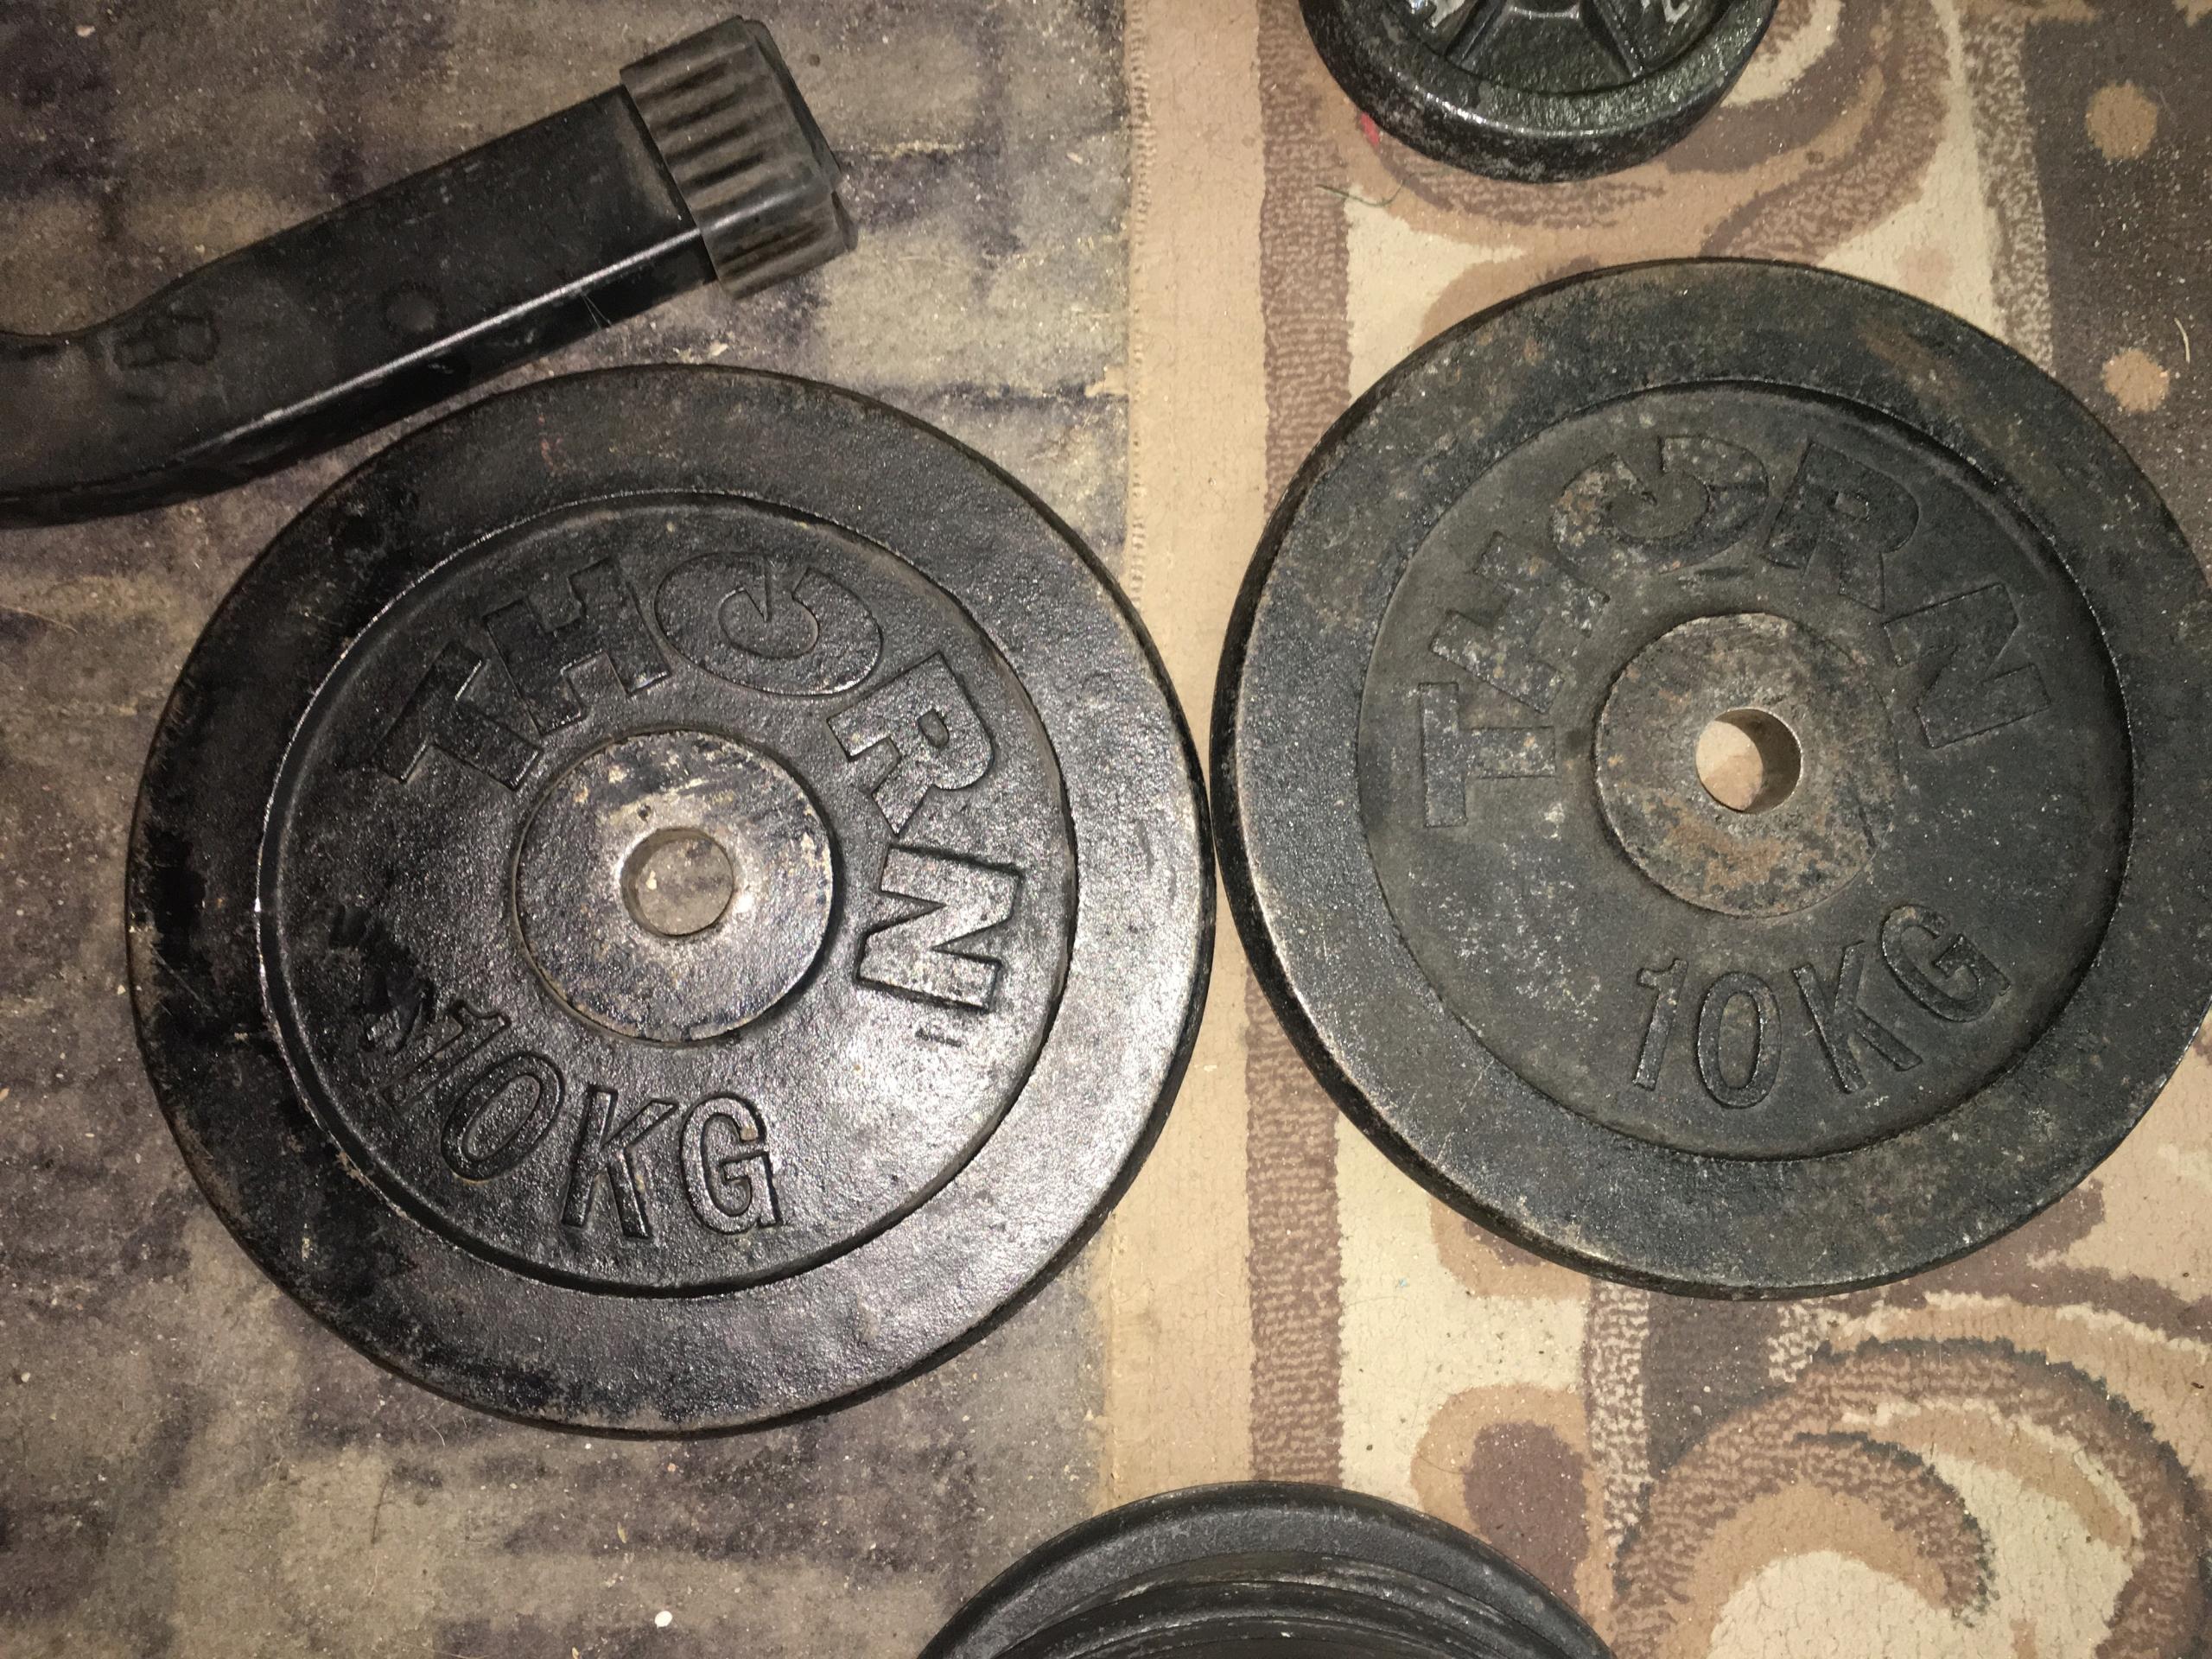 Obciążenie Thorn 2x10kg 29mm